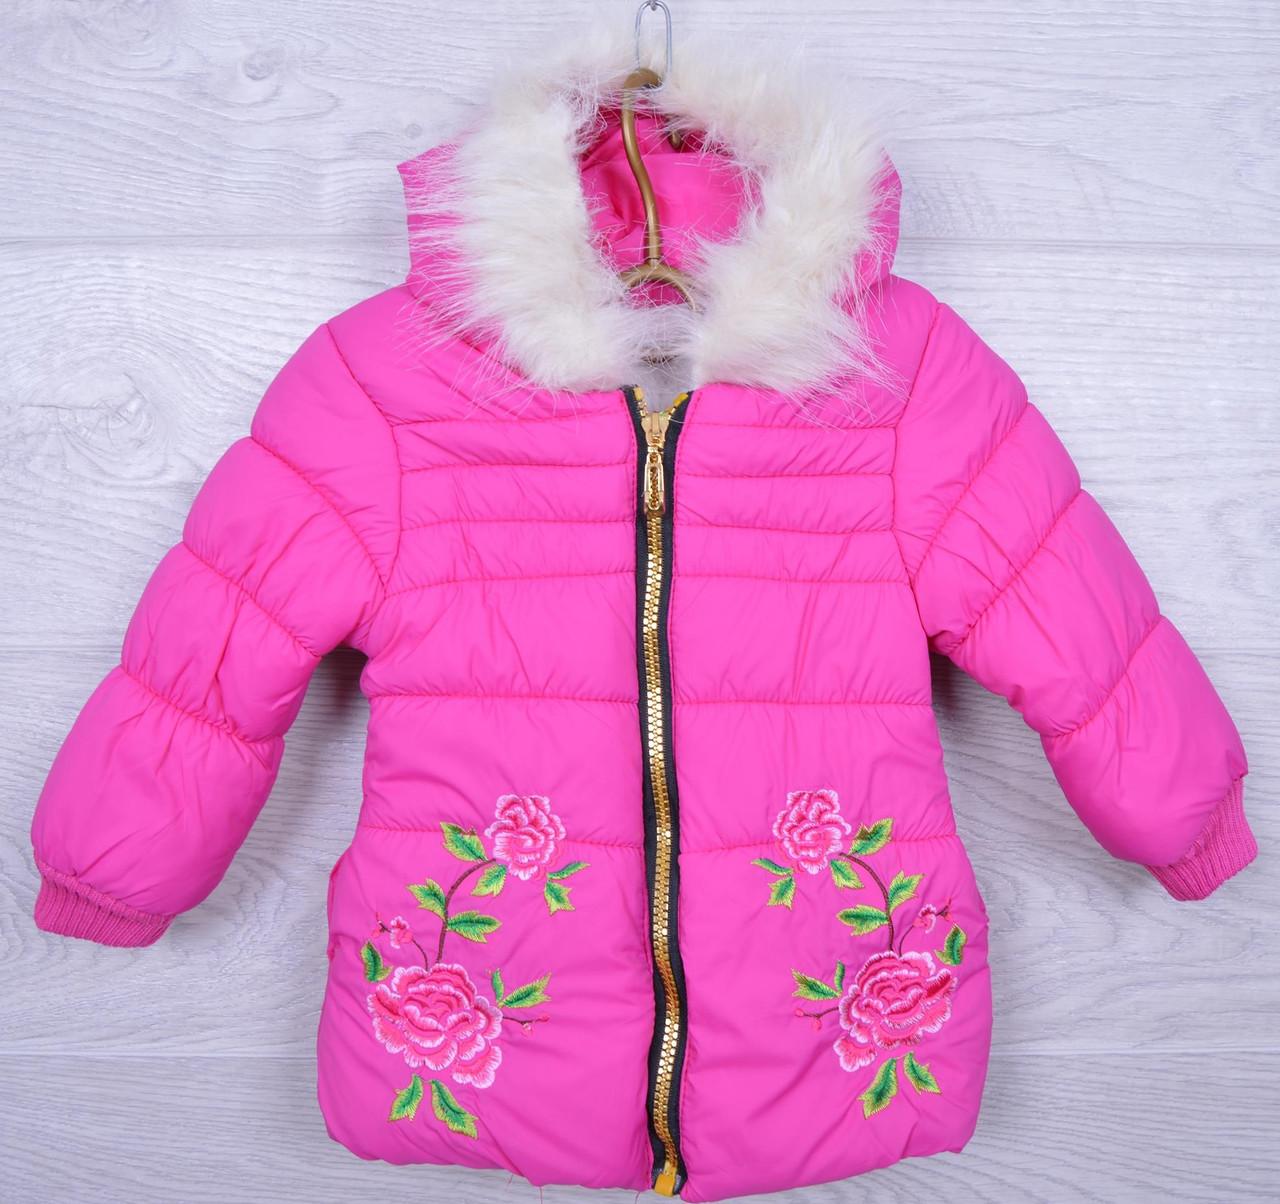 """Куртка детская демисезонная """"Снегурочка"""" #S-45 для девочек. 1-2 лет.Фуксия. Оптом."""